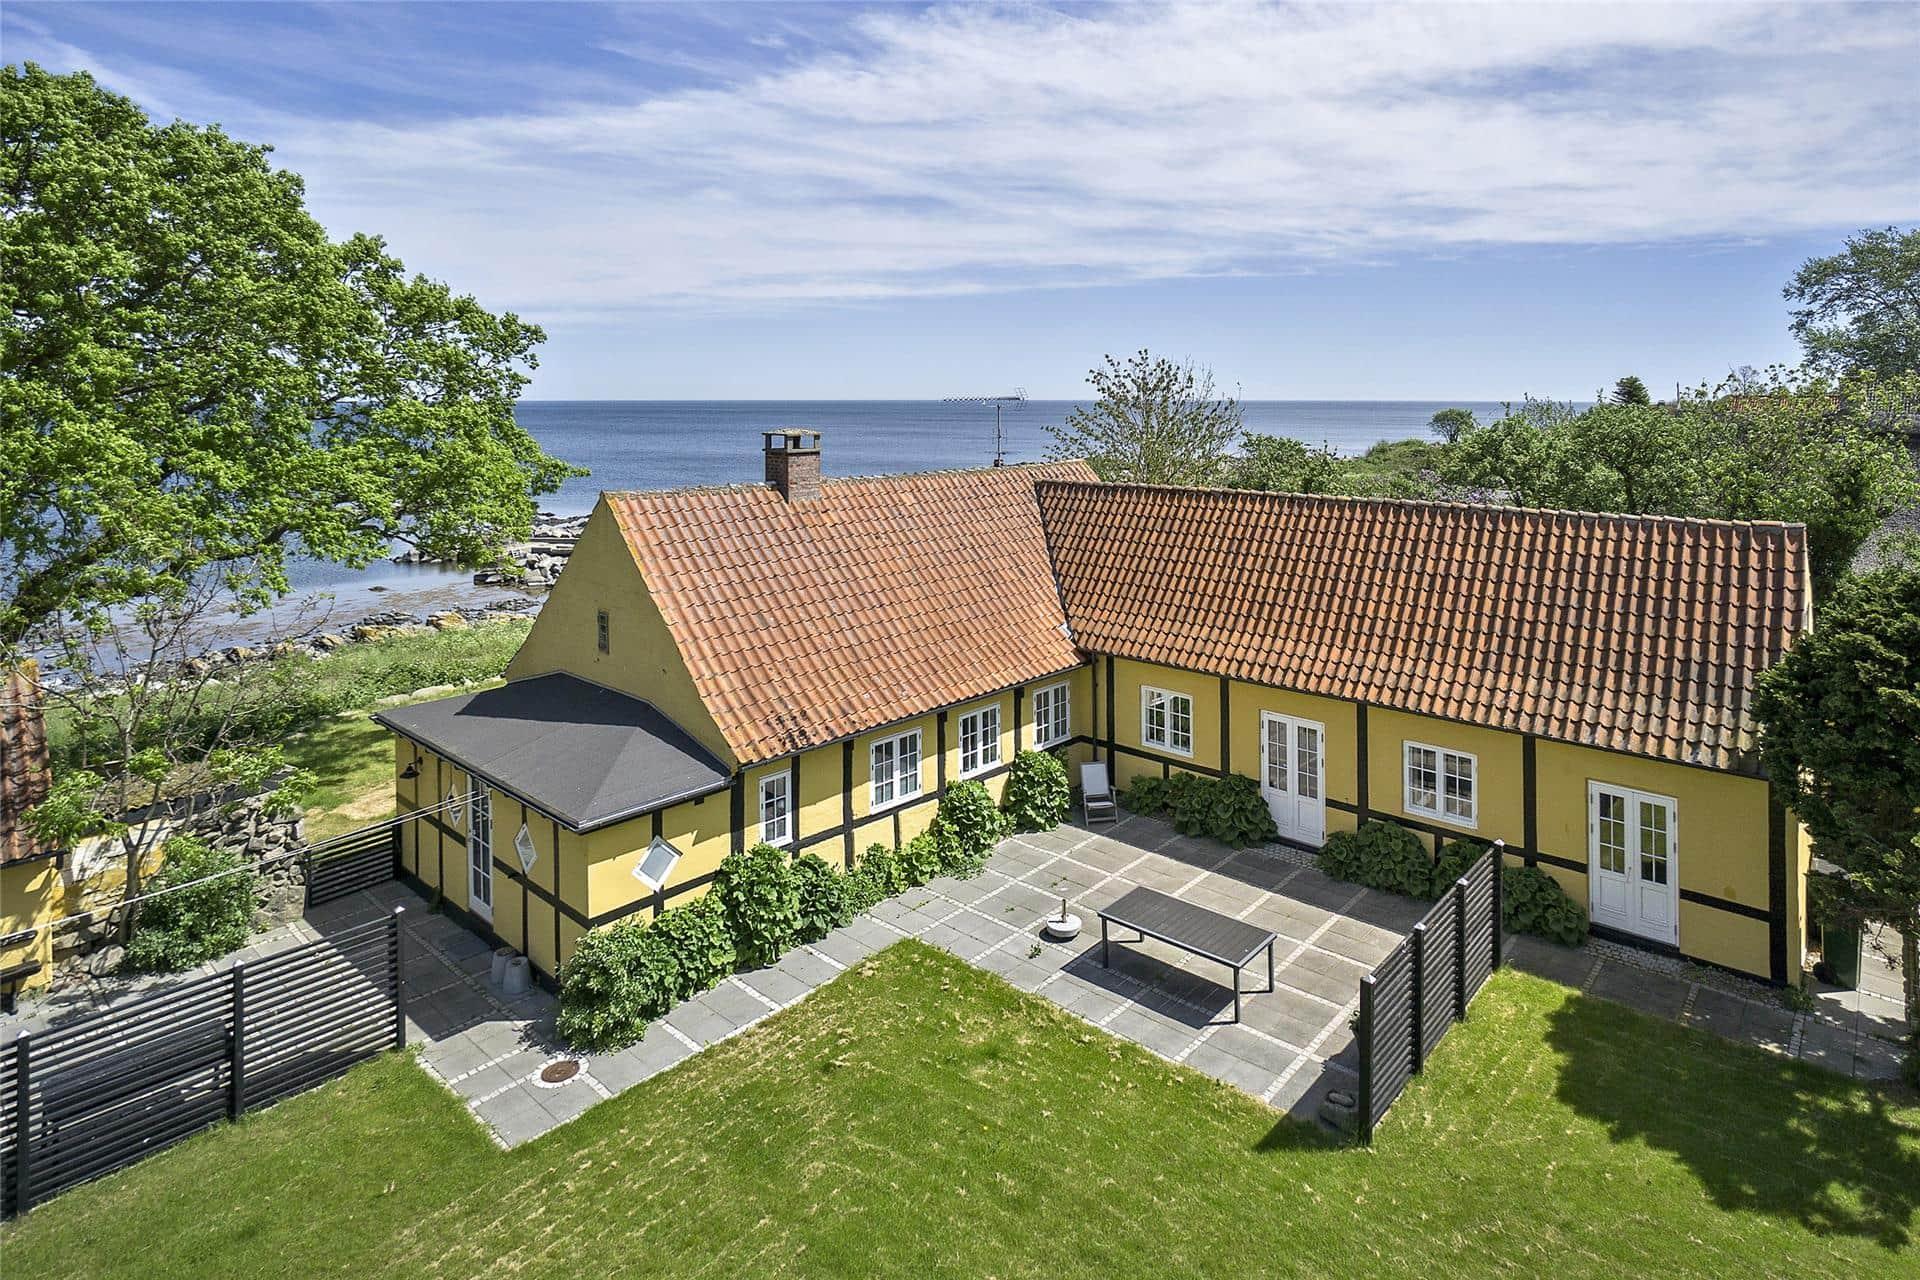 Bild 1-10 Ferienhaus 5525, Bølshavn 19, DK - 3740 Svaneke